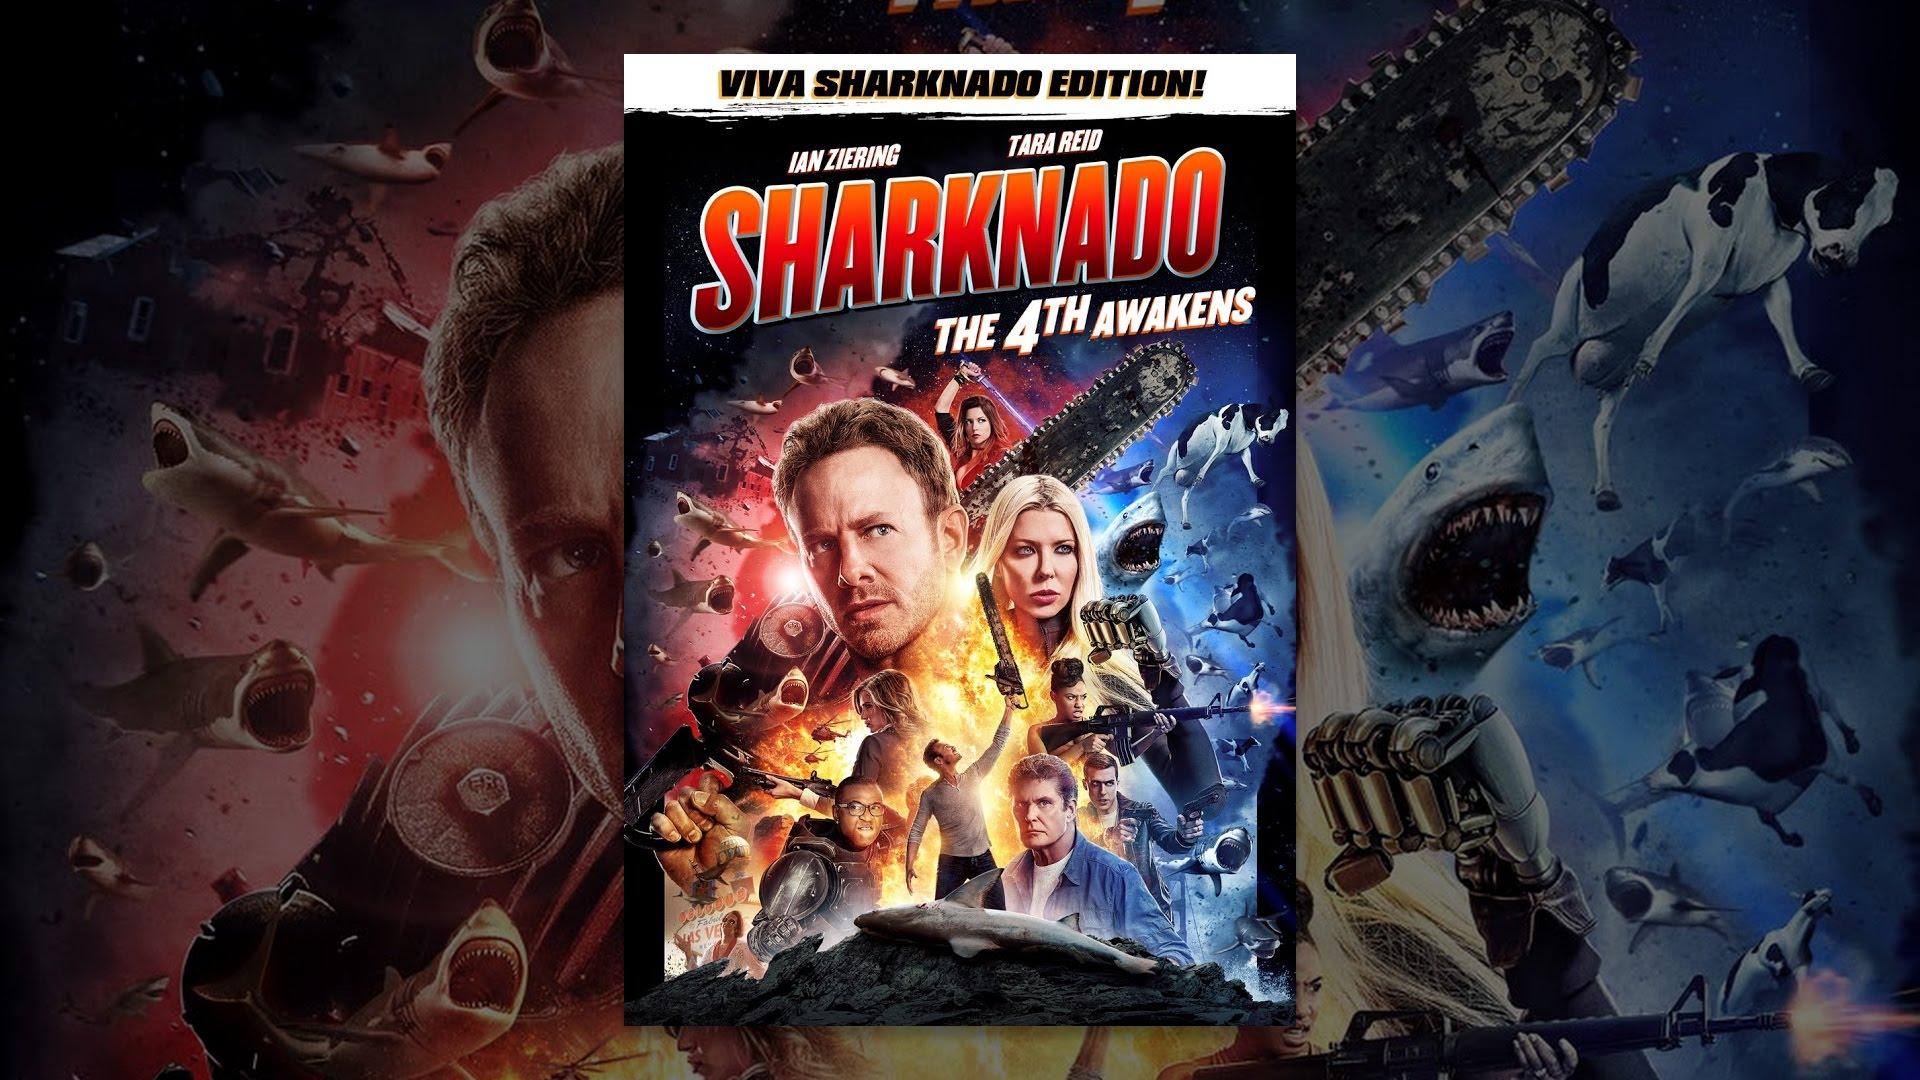 Download Sharknado: The 4th Awakens (Viva Sharknado Edition!)